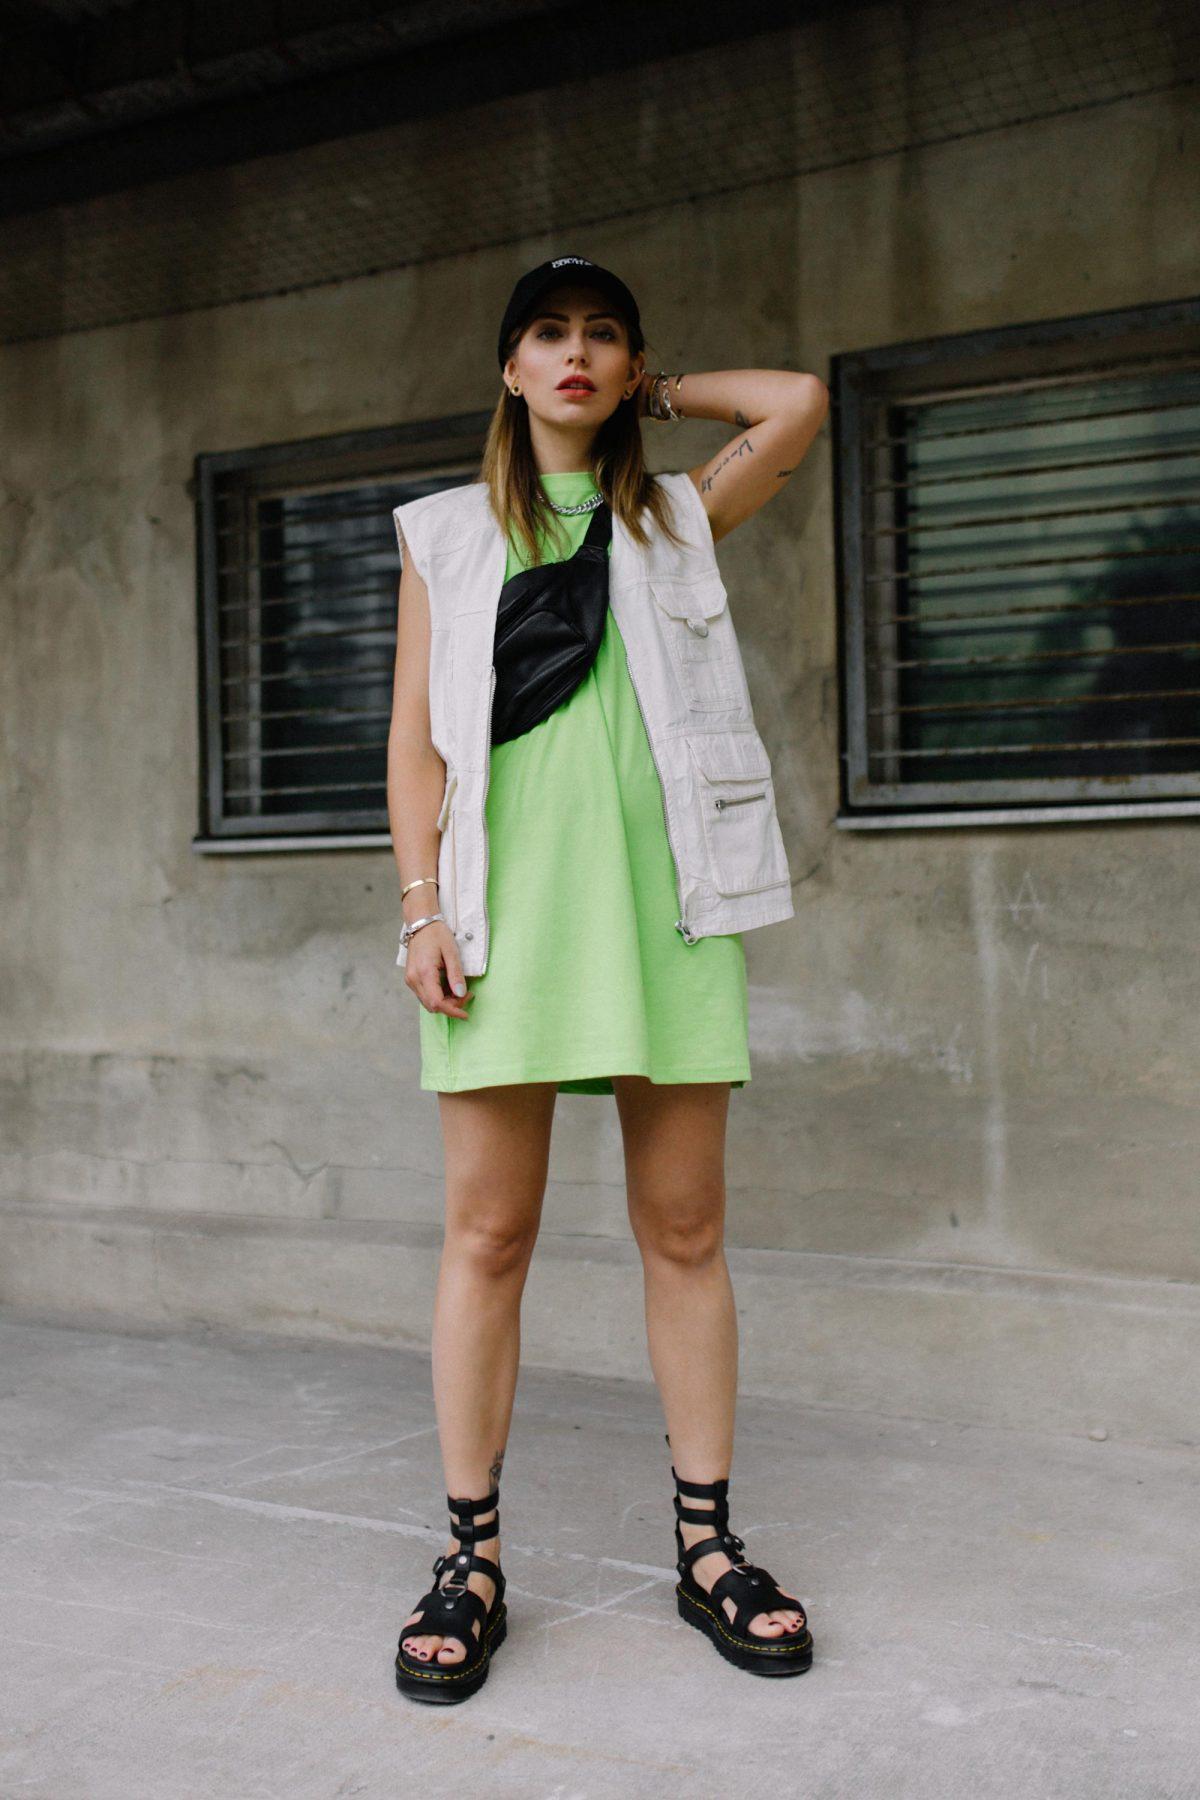 The Mini Lime Dress